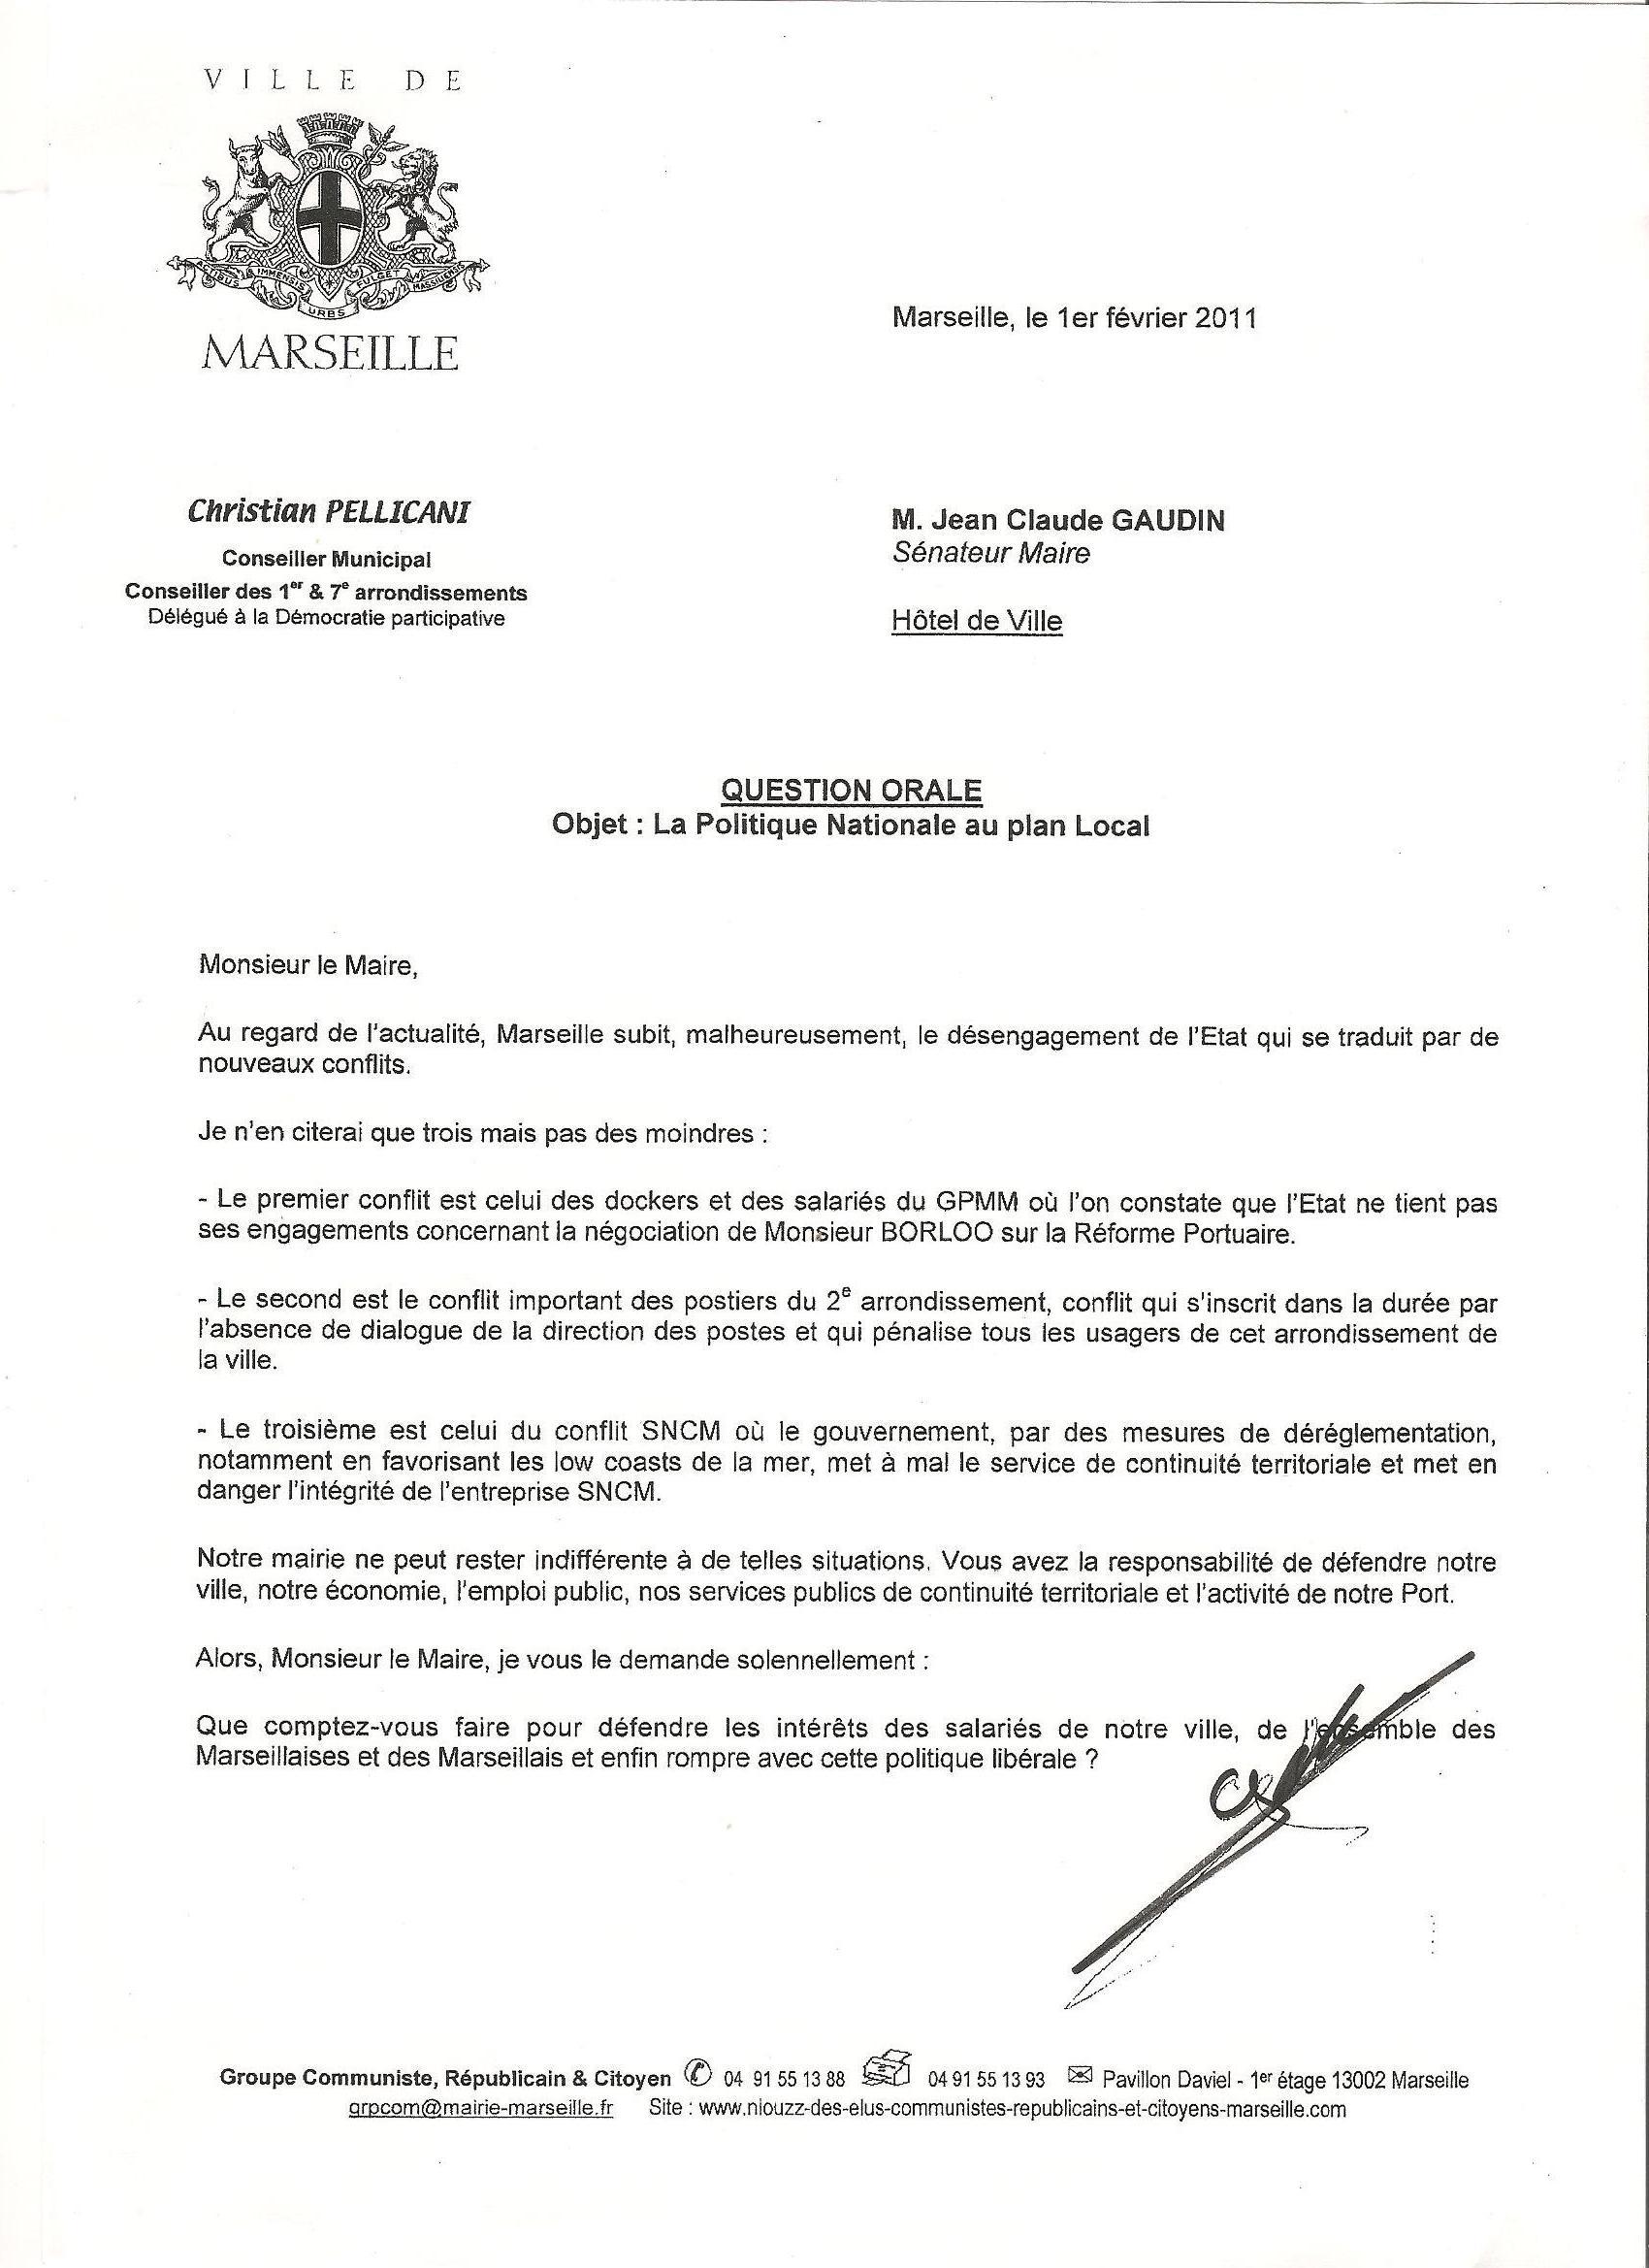 conseil Municipal du 7 février 2011: Faire entendre le Mouvement Social !